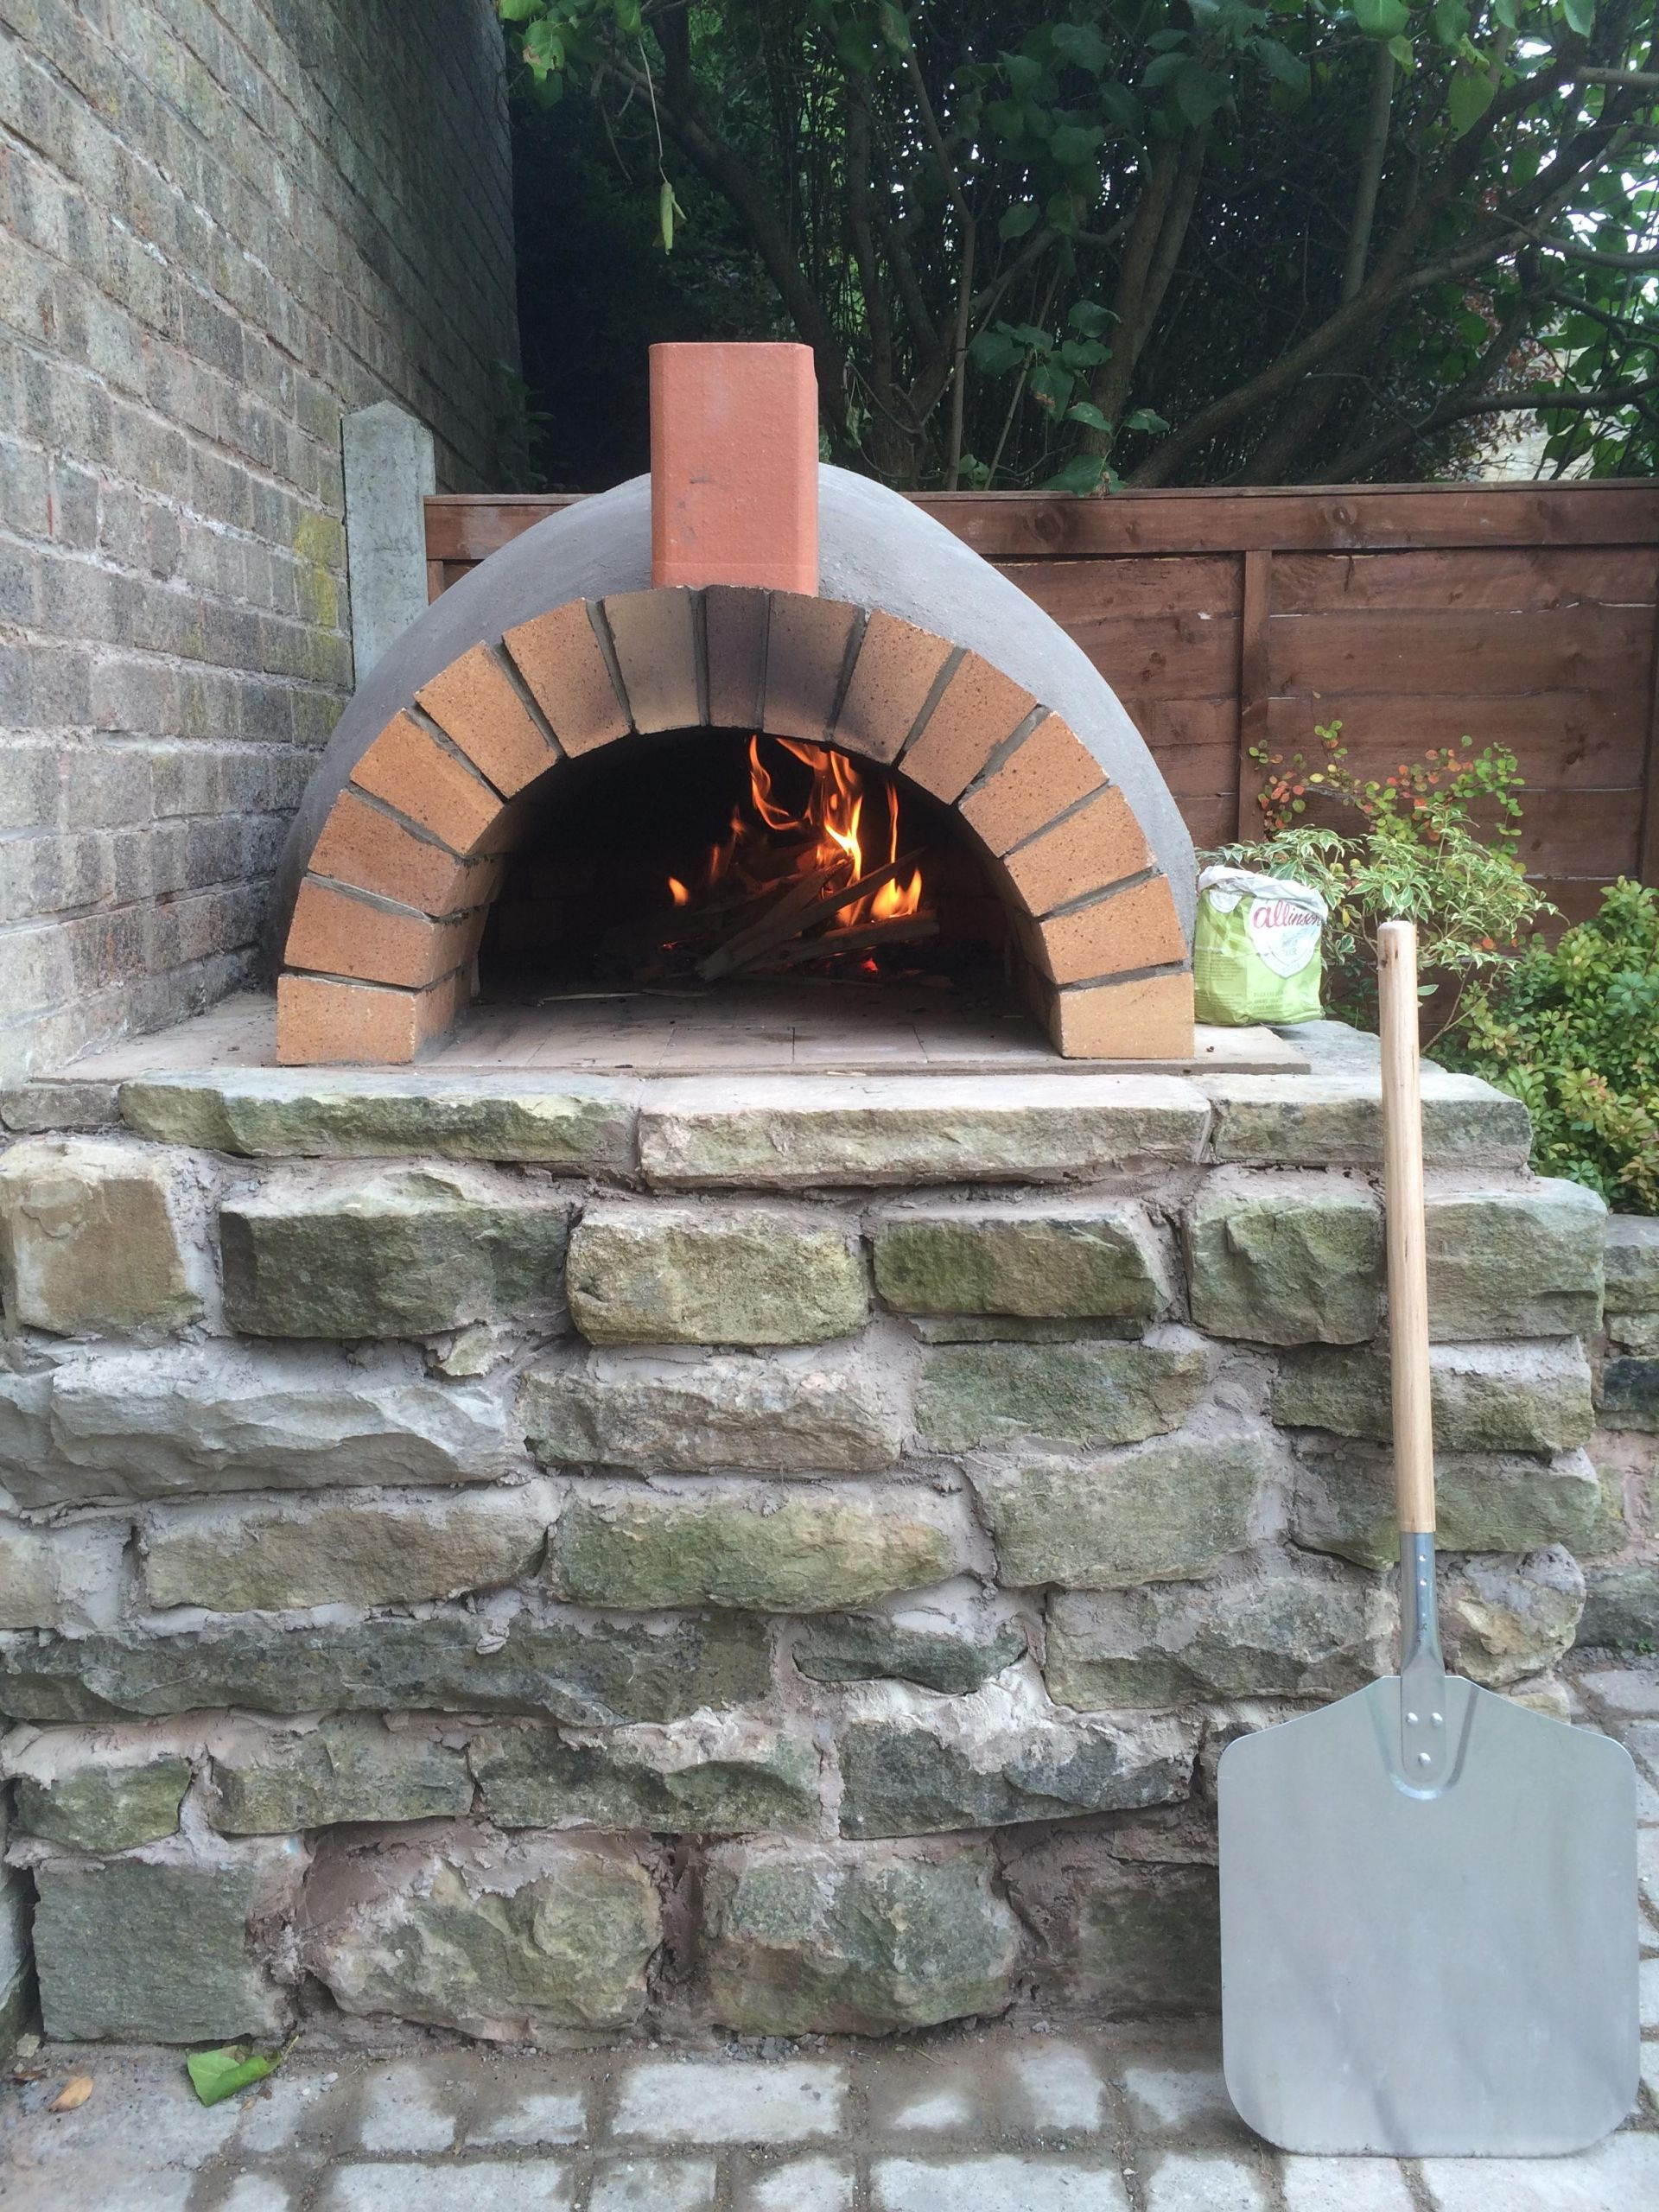 DIY Outdoor Oven  Steps To Make Best Outdoor Brick Pizza Oven